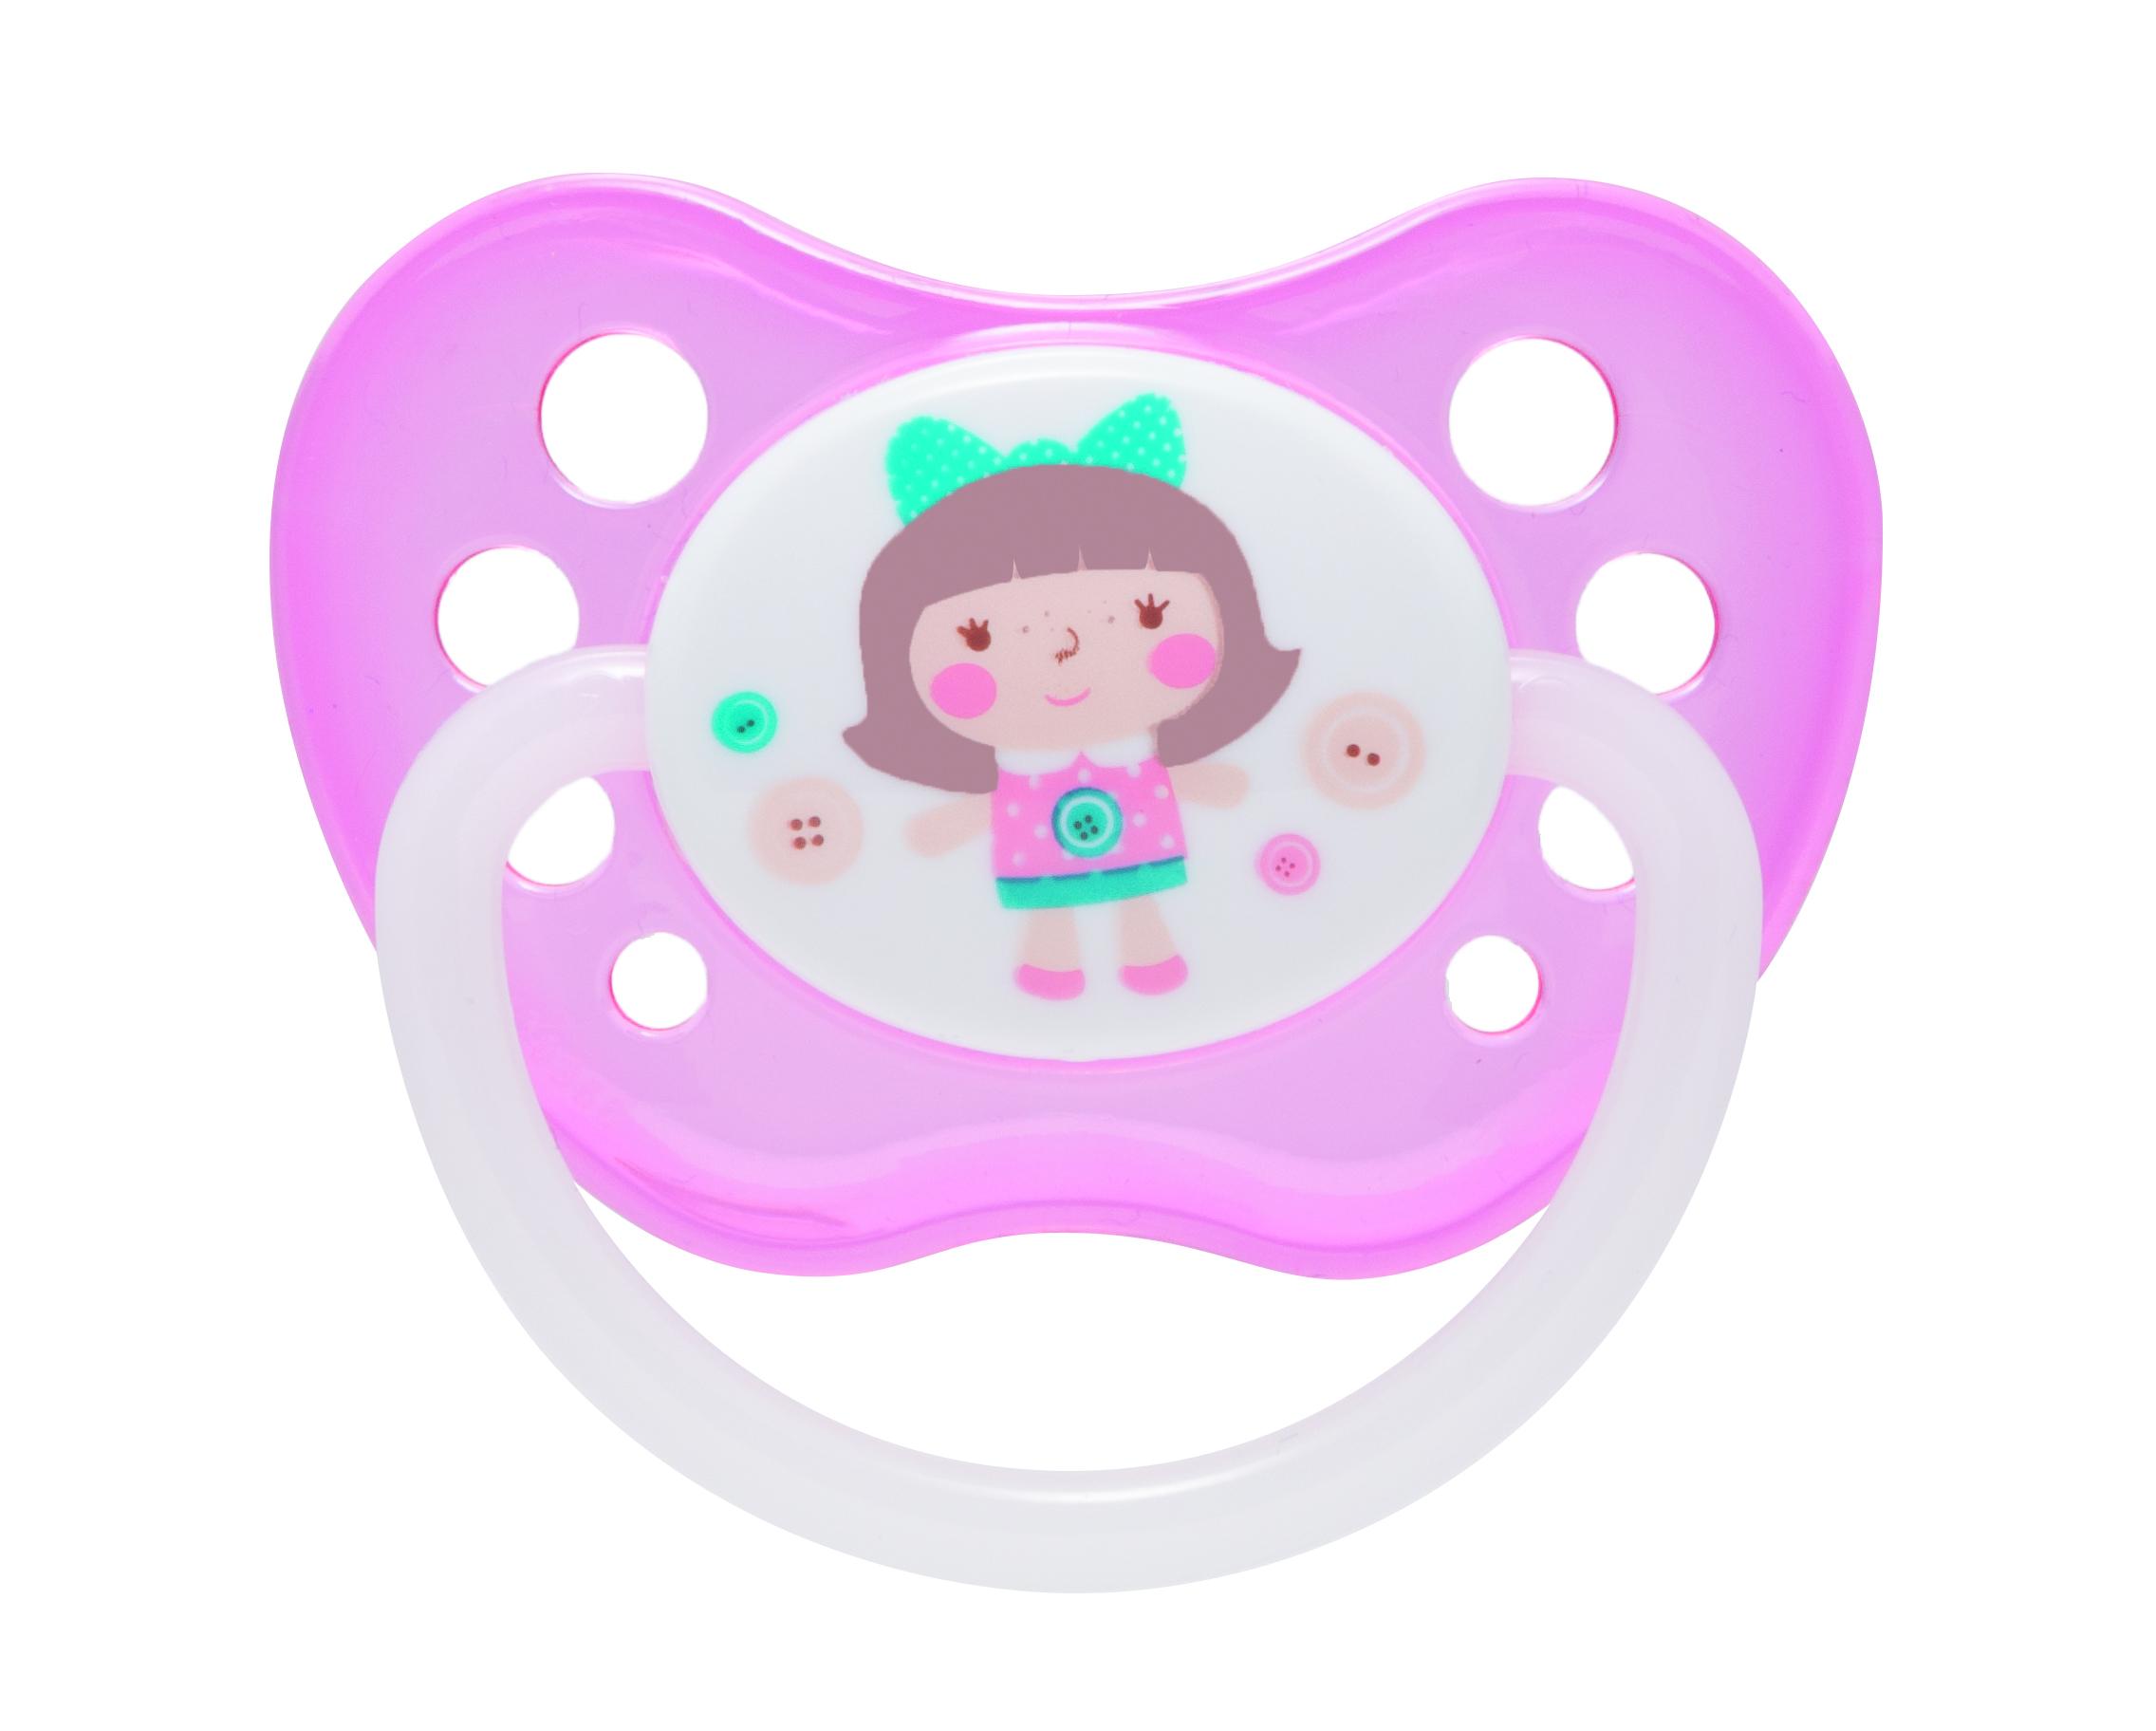 Купить Toys 23/260, Пустышка анатомическая Canpol Toys латексная 6-18 мес. розовый, Canpol Babies,